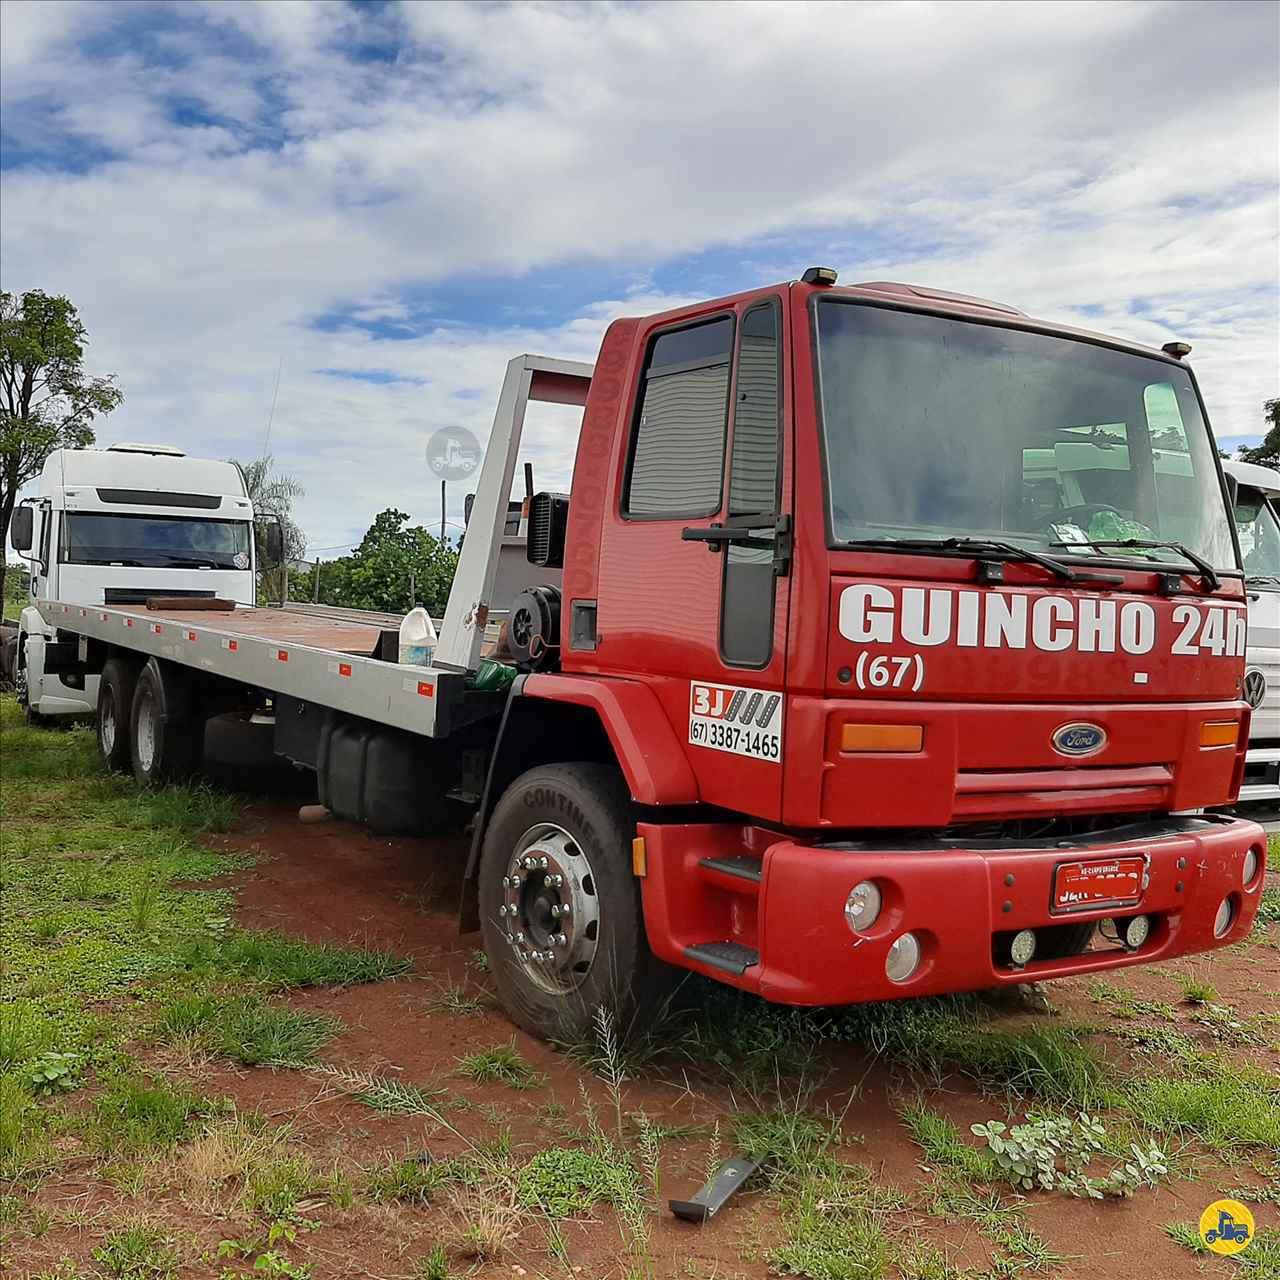 FORD CARGO 4331 712000km 2004/2004 Megatruck Caminhões e Máquinas